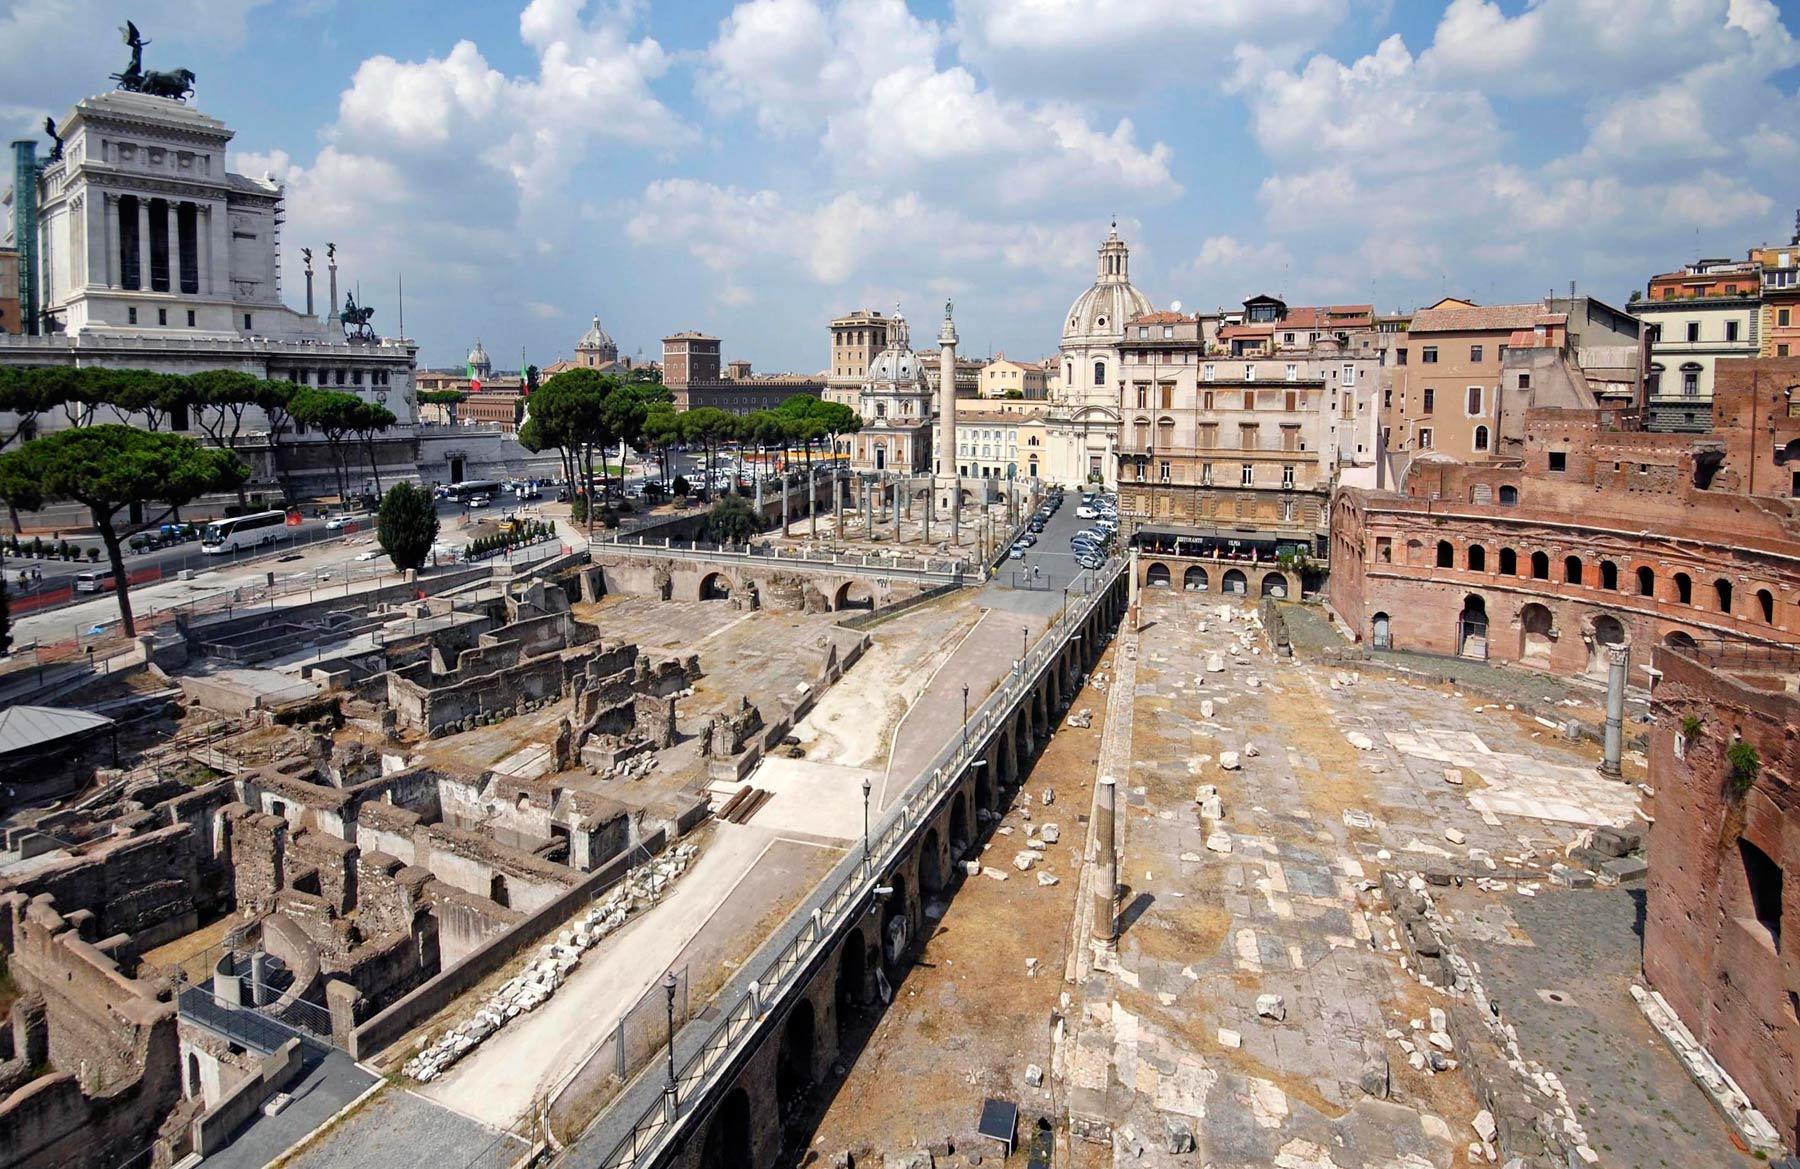 Roma, emerge una nuova porzione dei Fori Imperiali, con importanti scoperte